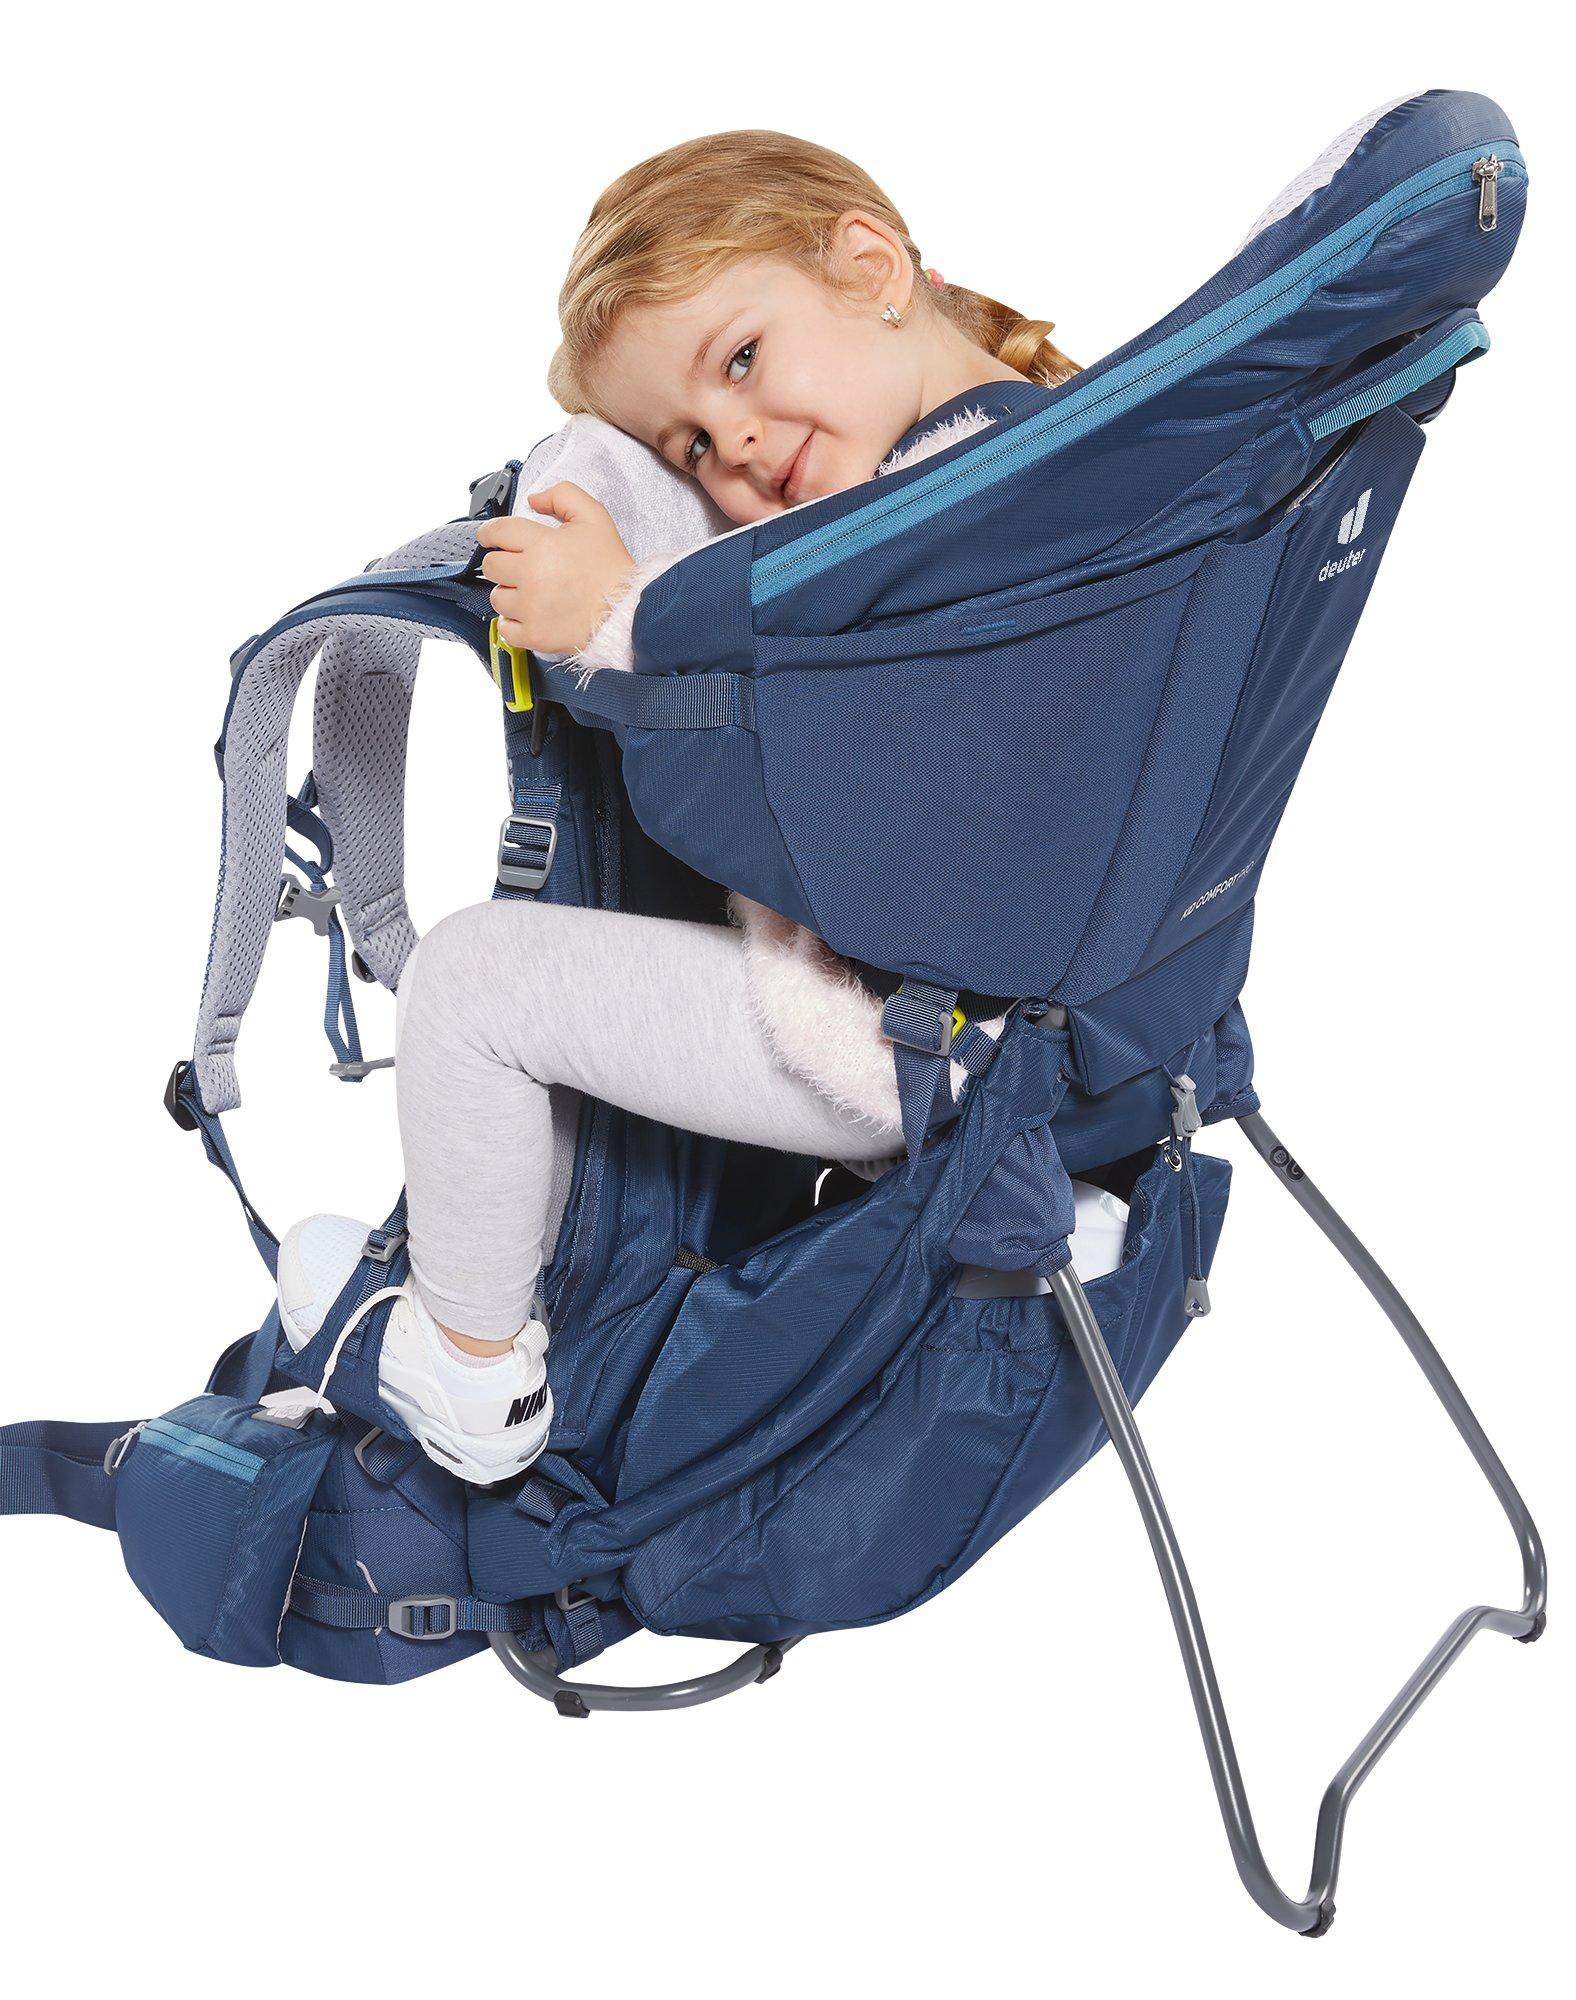 Deuter - Kid Comfort Pro, Kindertrage